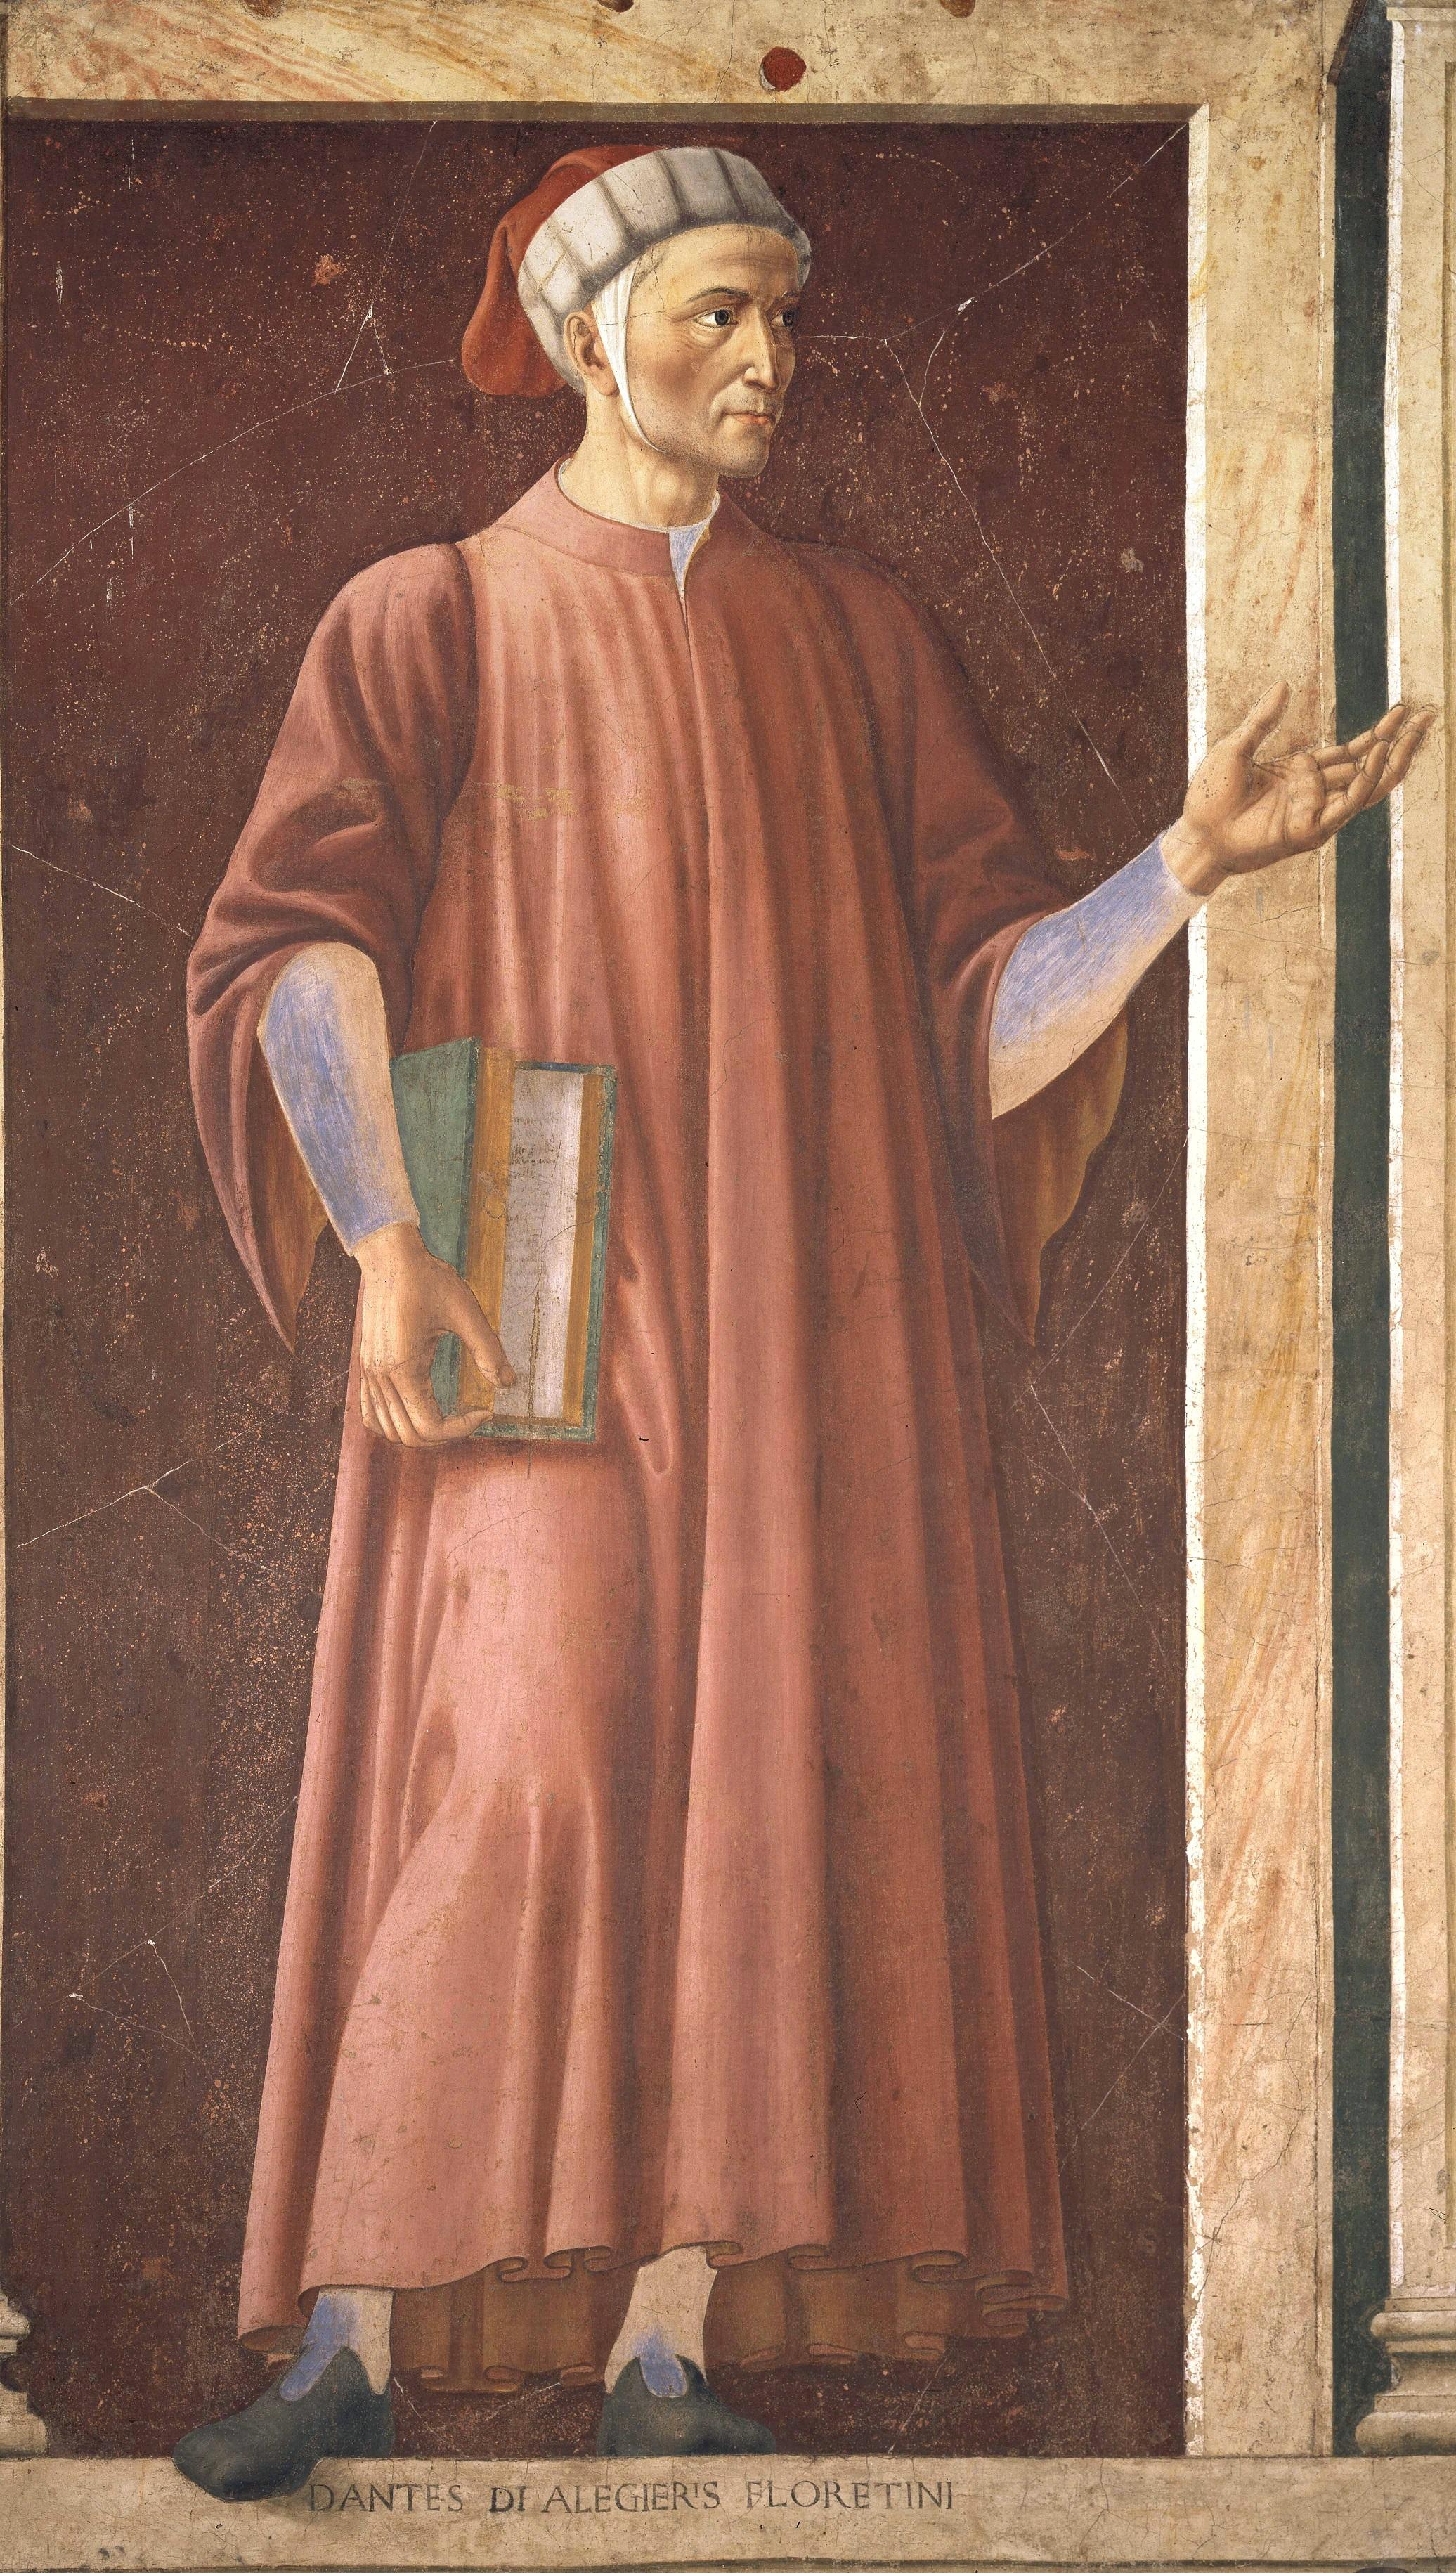 Portrait of Dante, Andrea del Castagno, murals Villa Carducci.